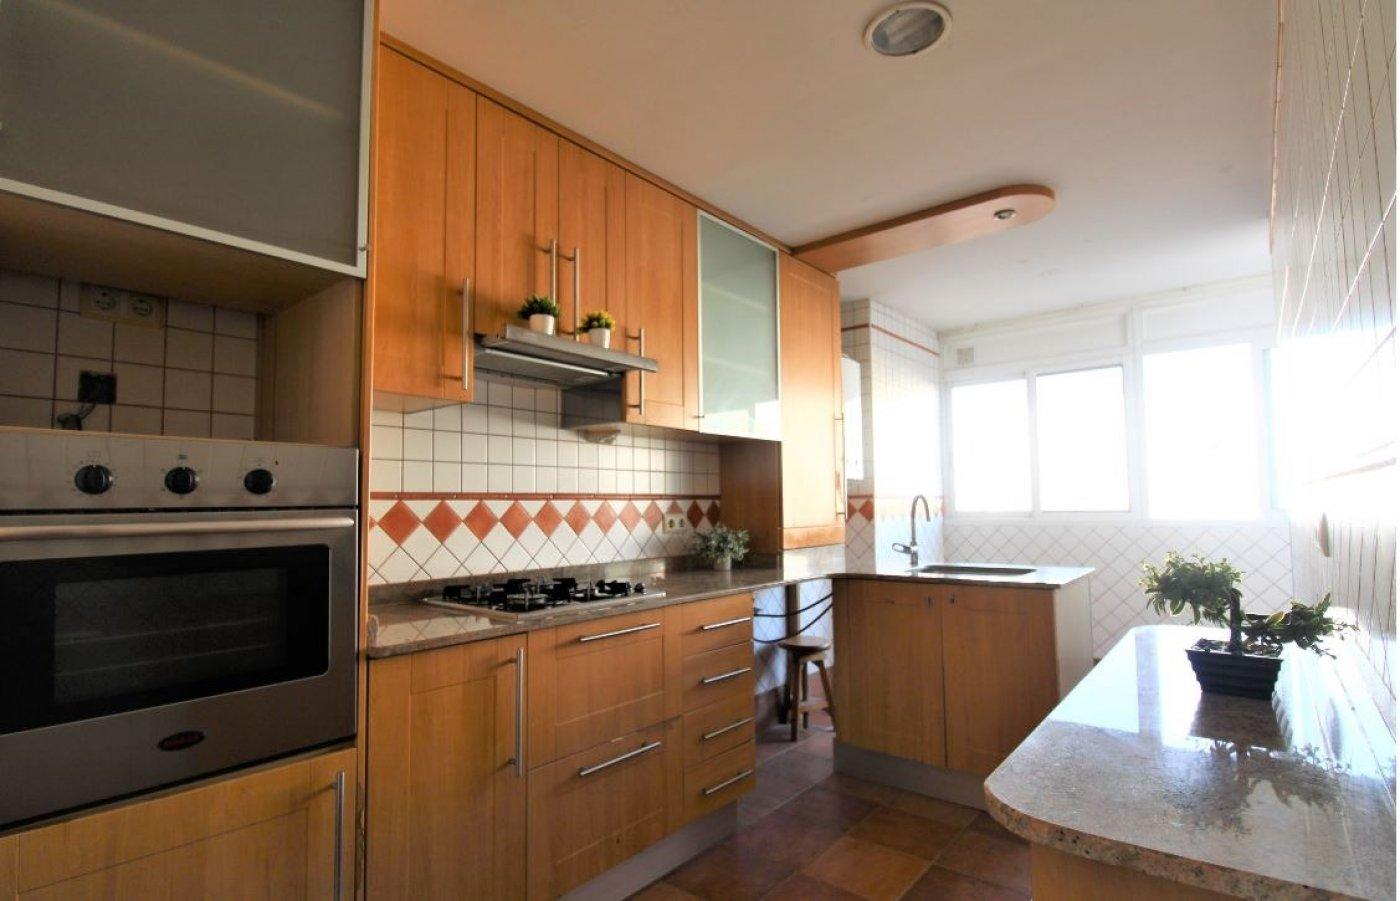 Oportunidad de vivienda en el barrio de ruzafa - imagenInmueble0